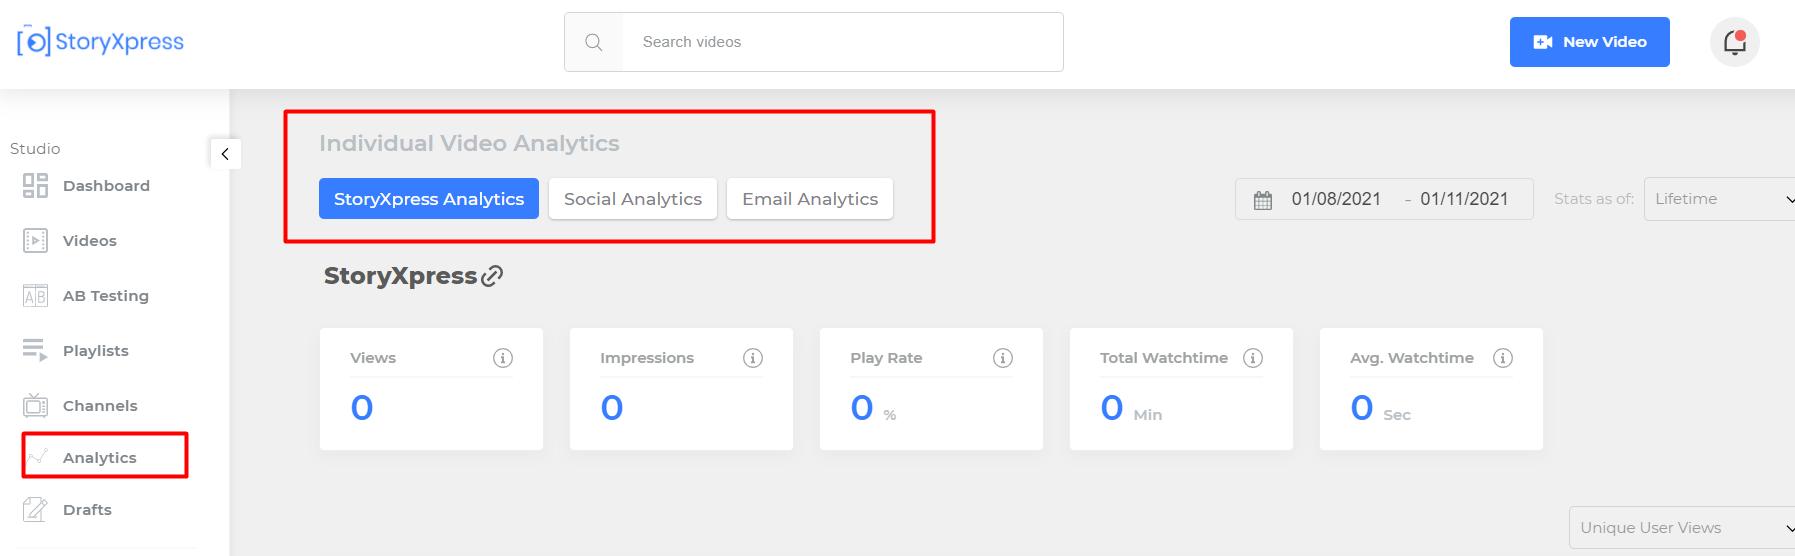 Tracking Video Analytics